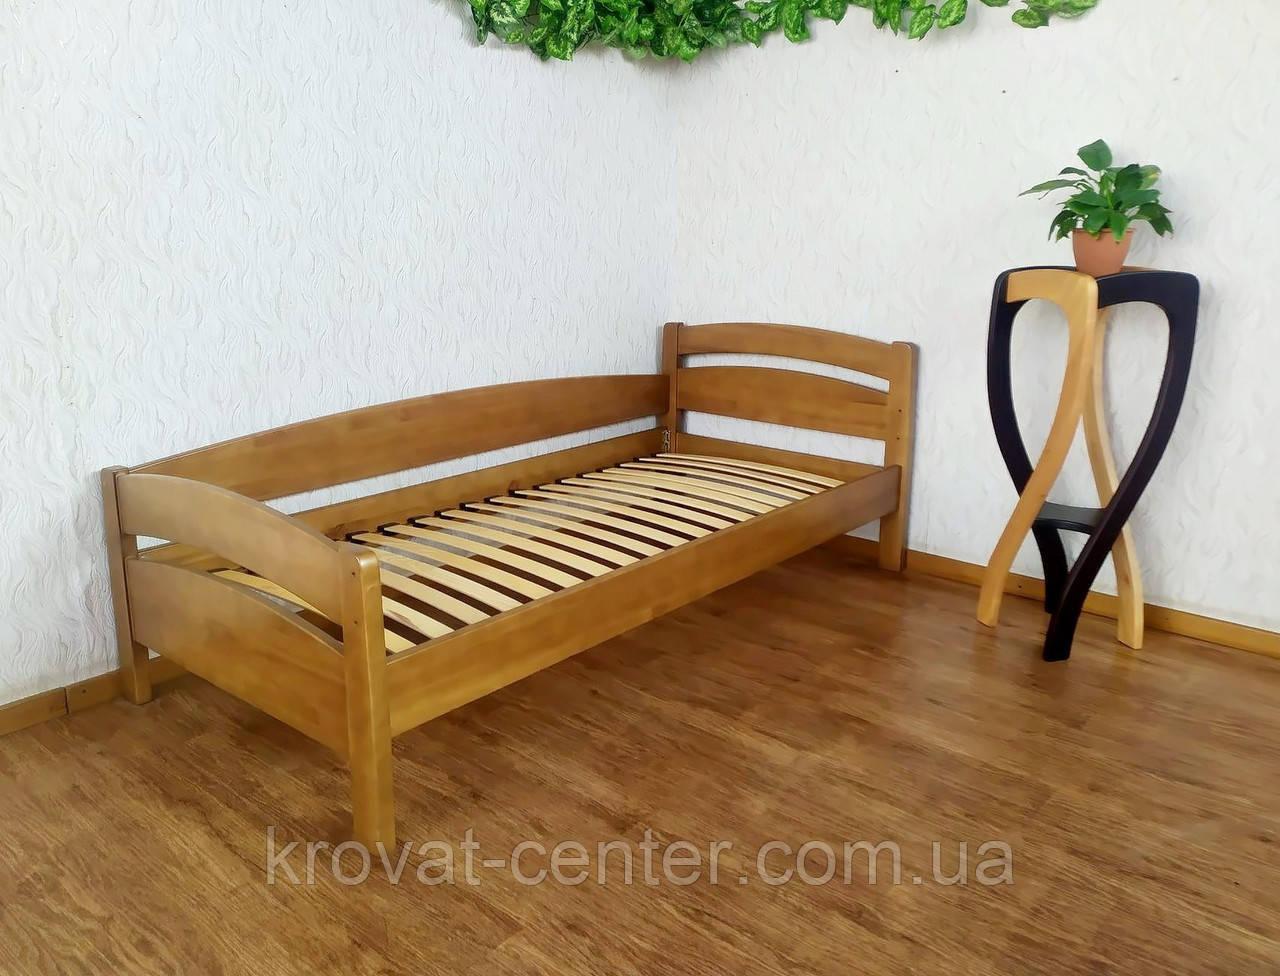 """Подростковая кровать из натурального дерева от производителя """"Марта"""" (светлый дуб)"""